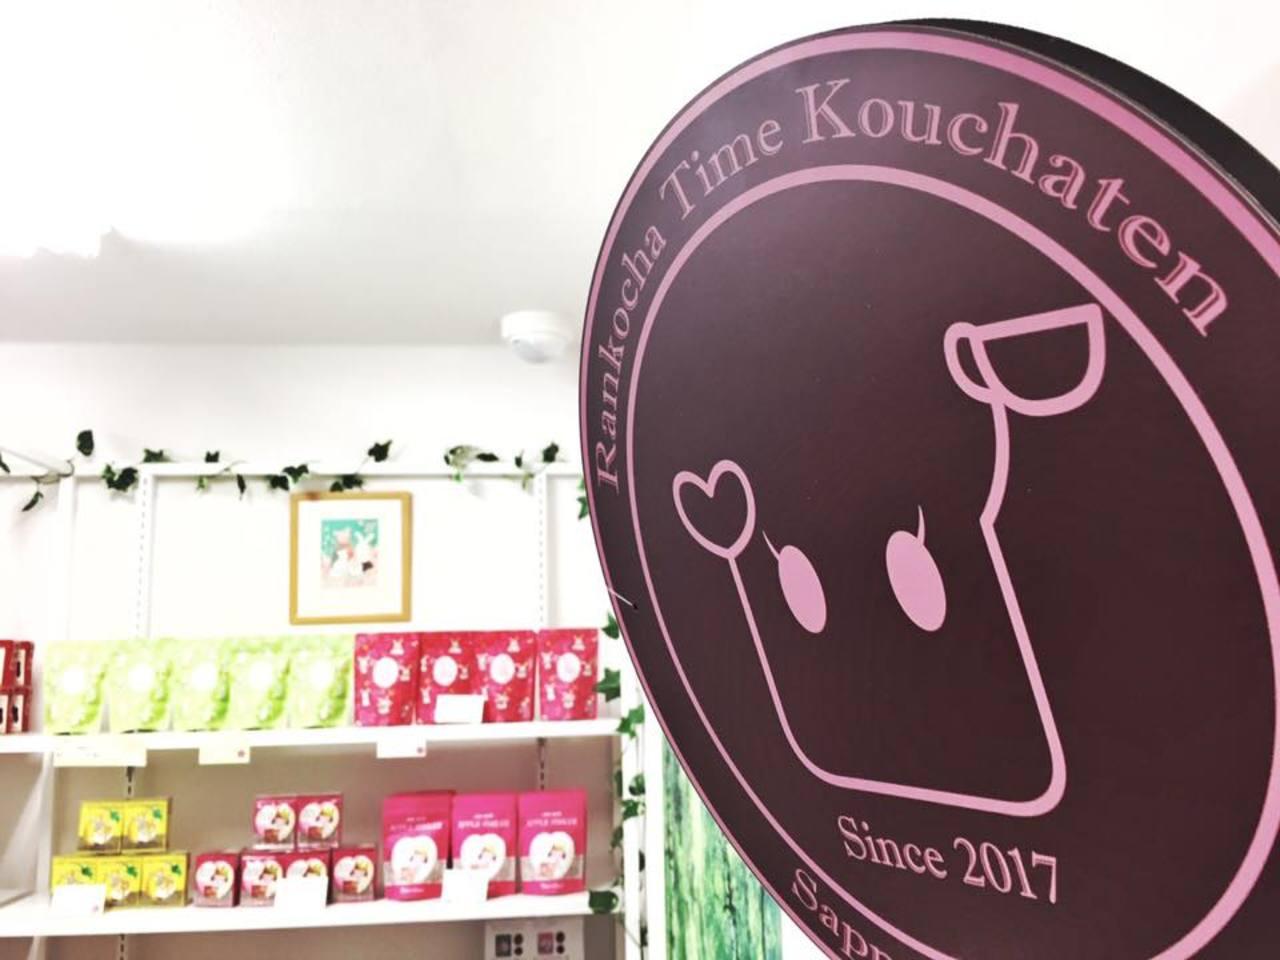 本格紅茶で優雅なひと時を。札幌の「蘭子チャタイム紅茶店」 札幌